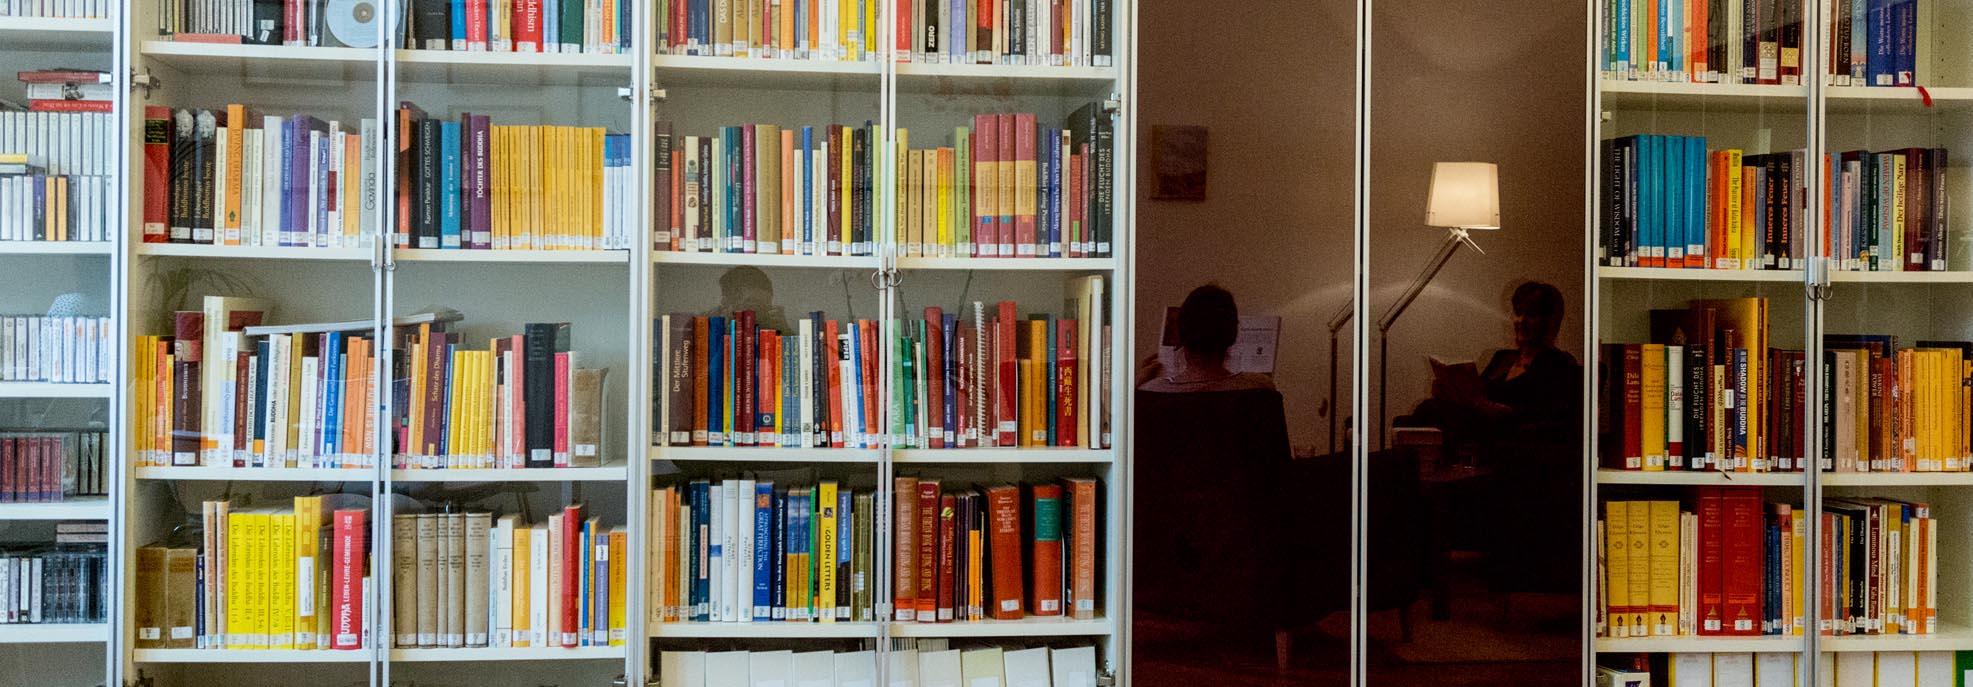 Bibliothek Dharma Mati Berlin